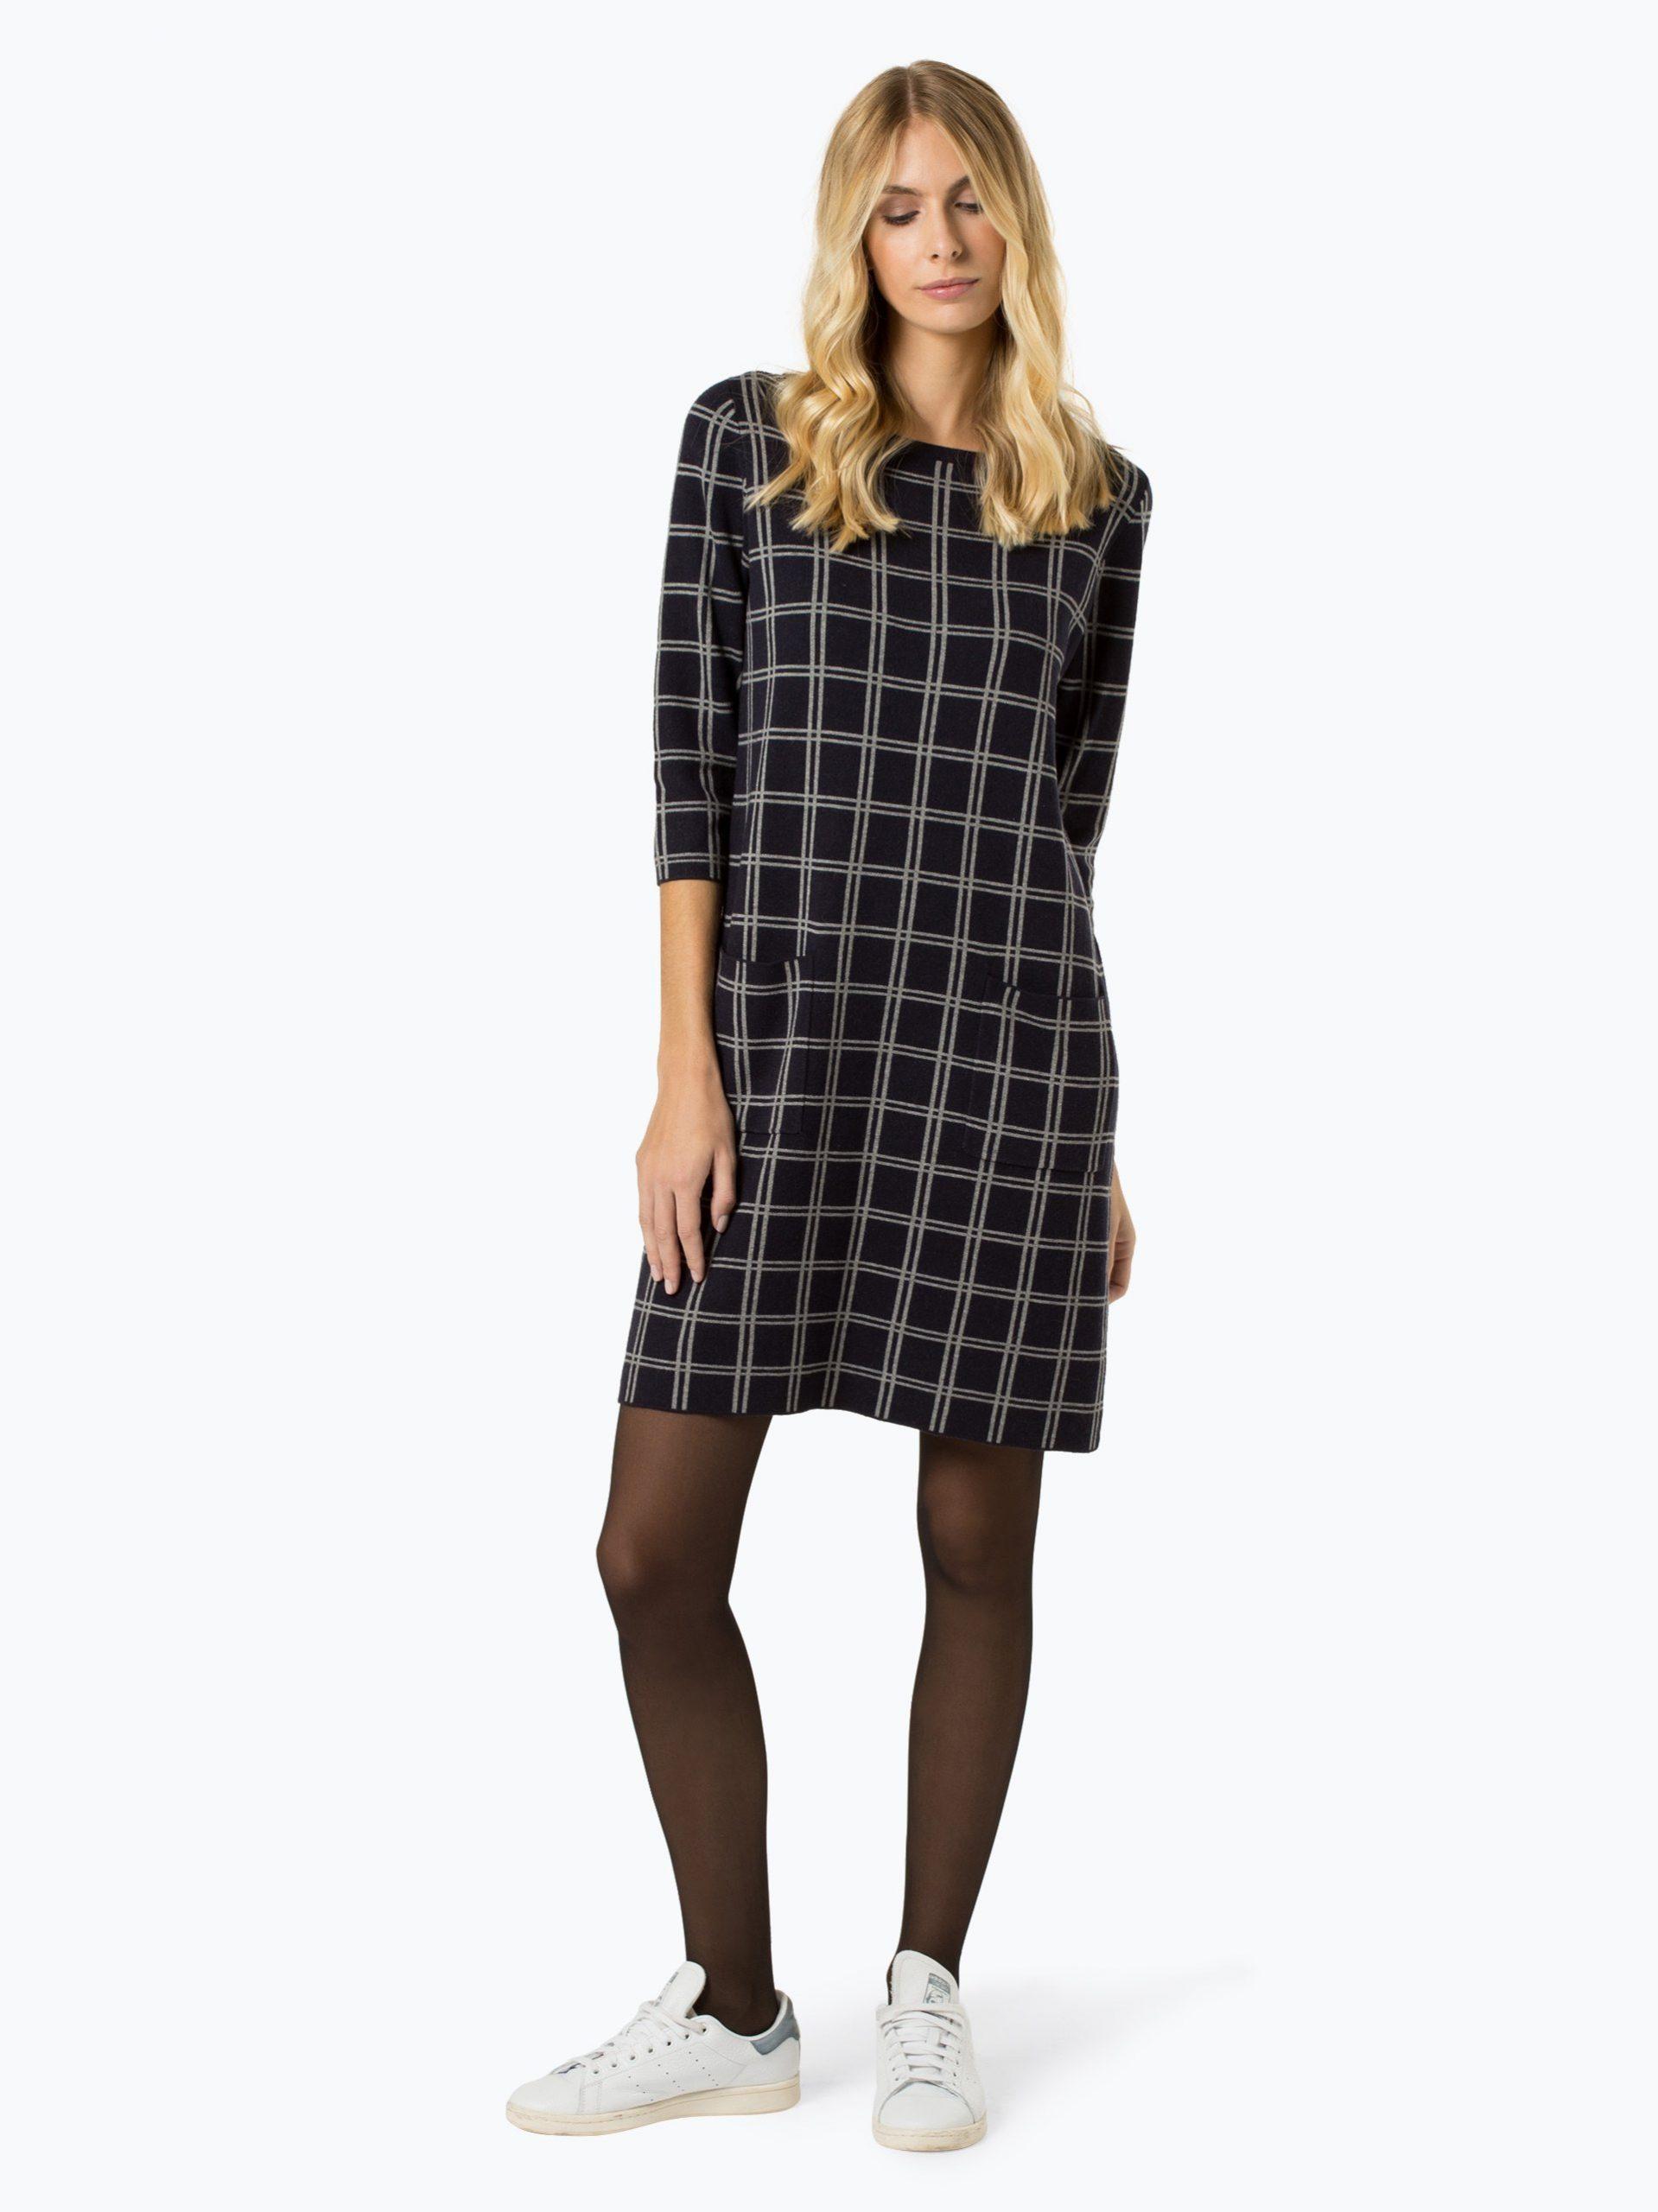 Soliver Casual Damen Kleid Online Kaufen  Vangraaf